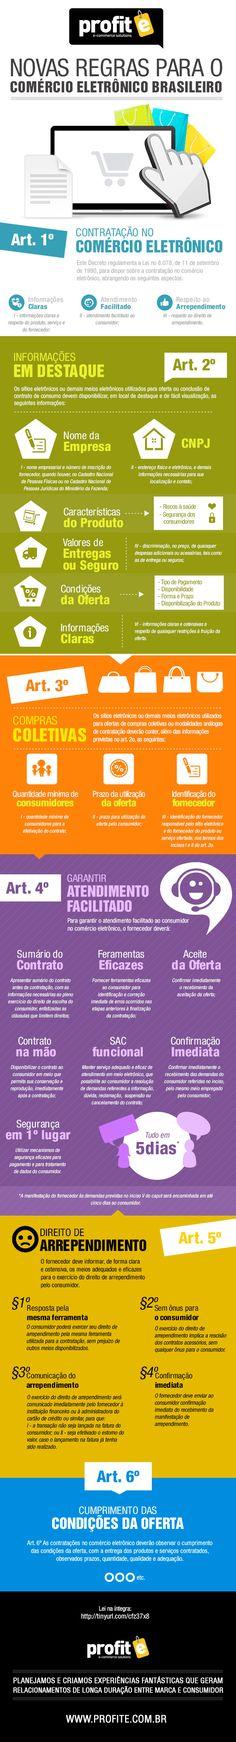 Infográfico - Novas regras para o comércio eletrônico Brasileiro